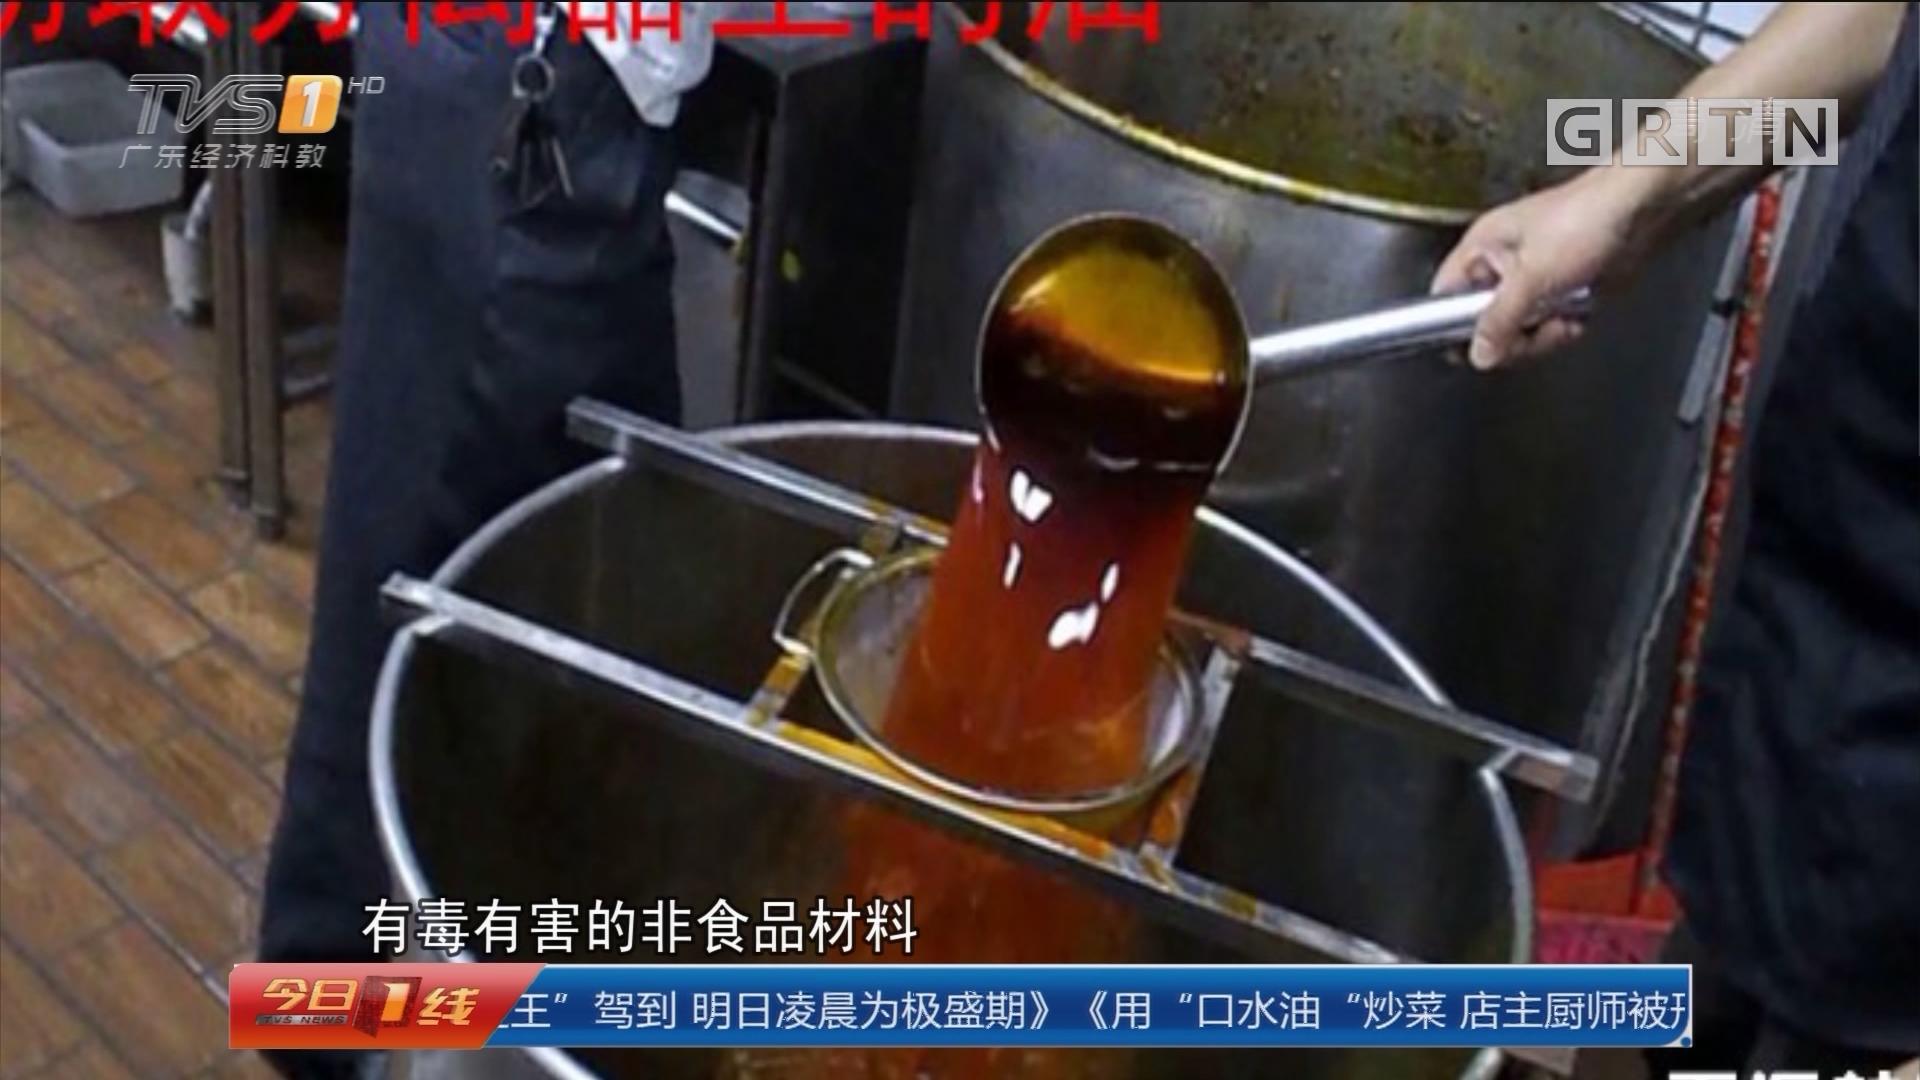 """关注食品安全:深圳龙岗 用""""口水油""""炒菜 店主厨师被刑拘"""